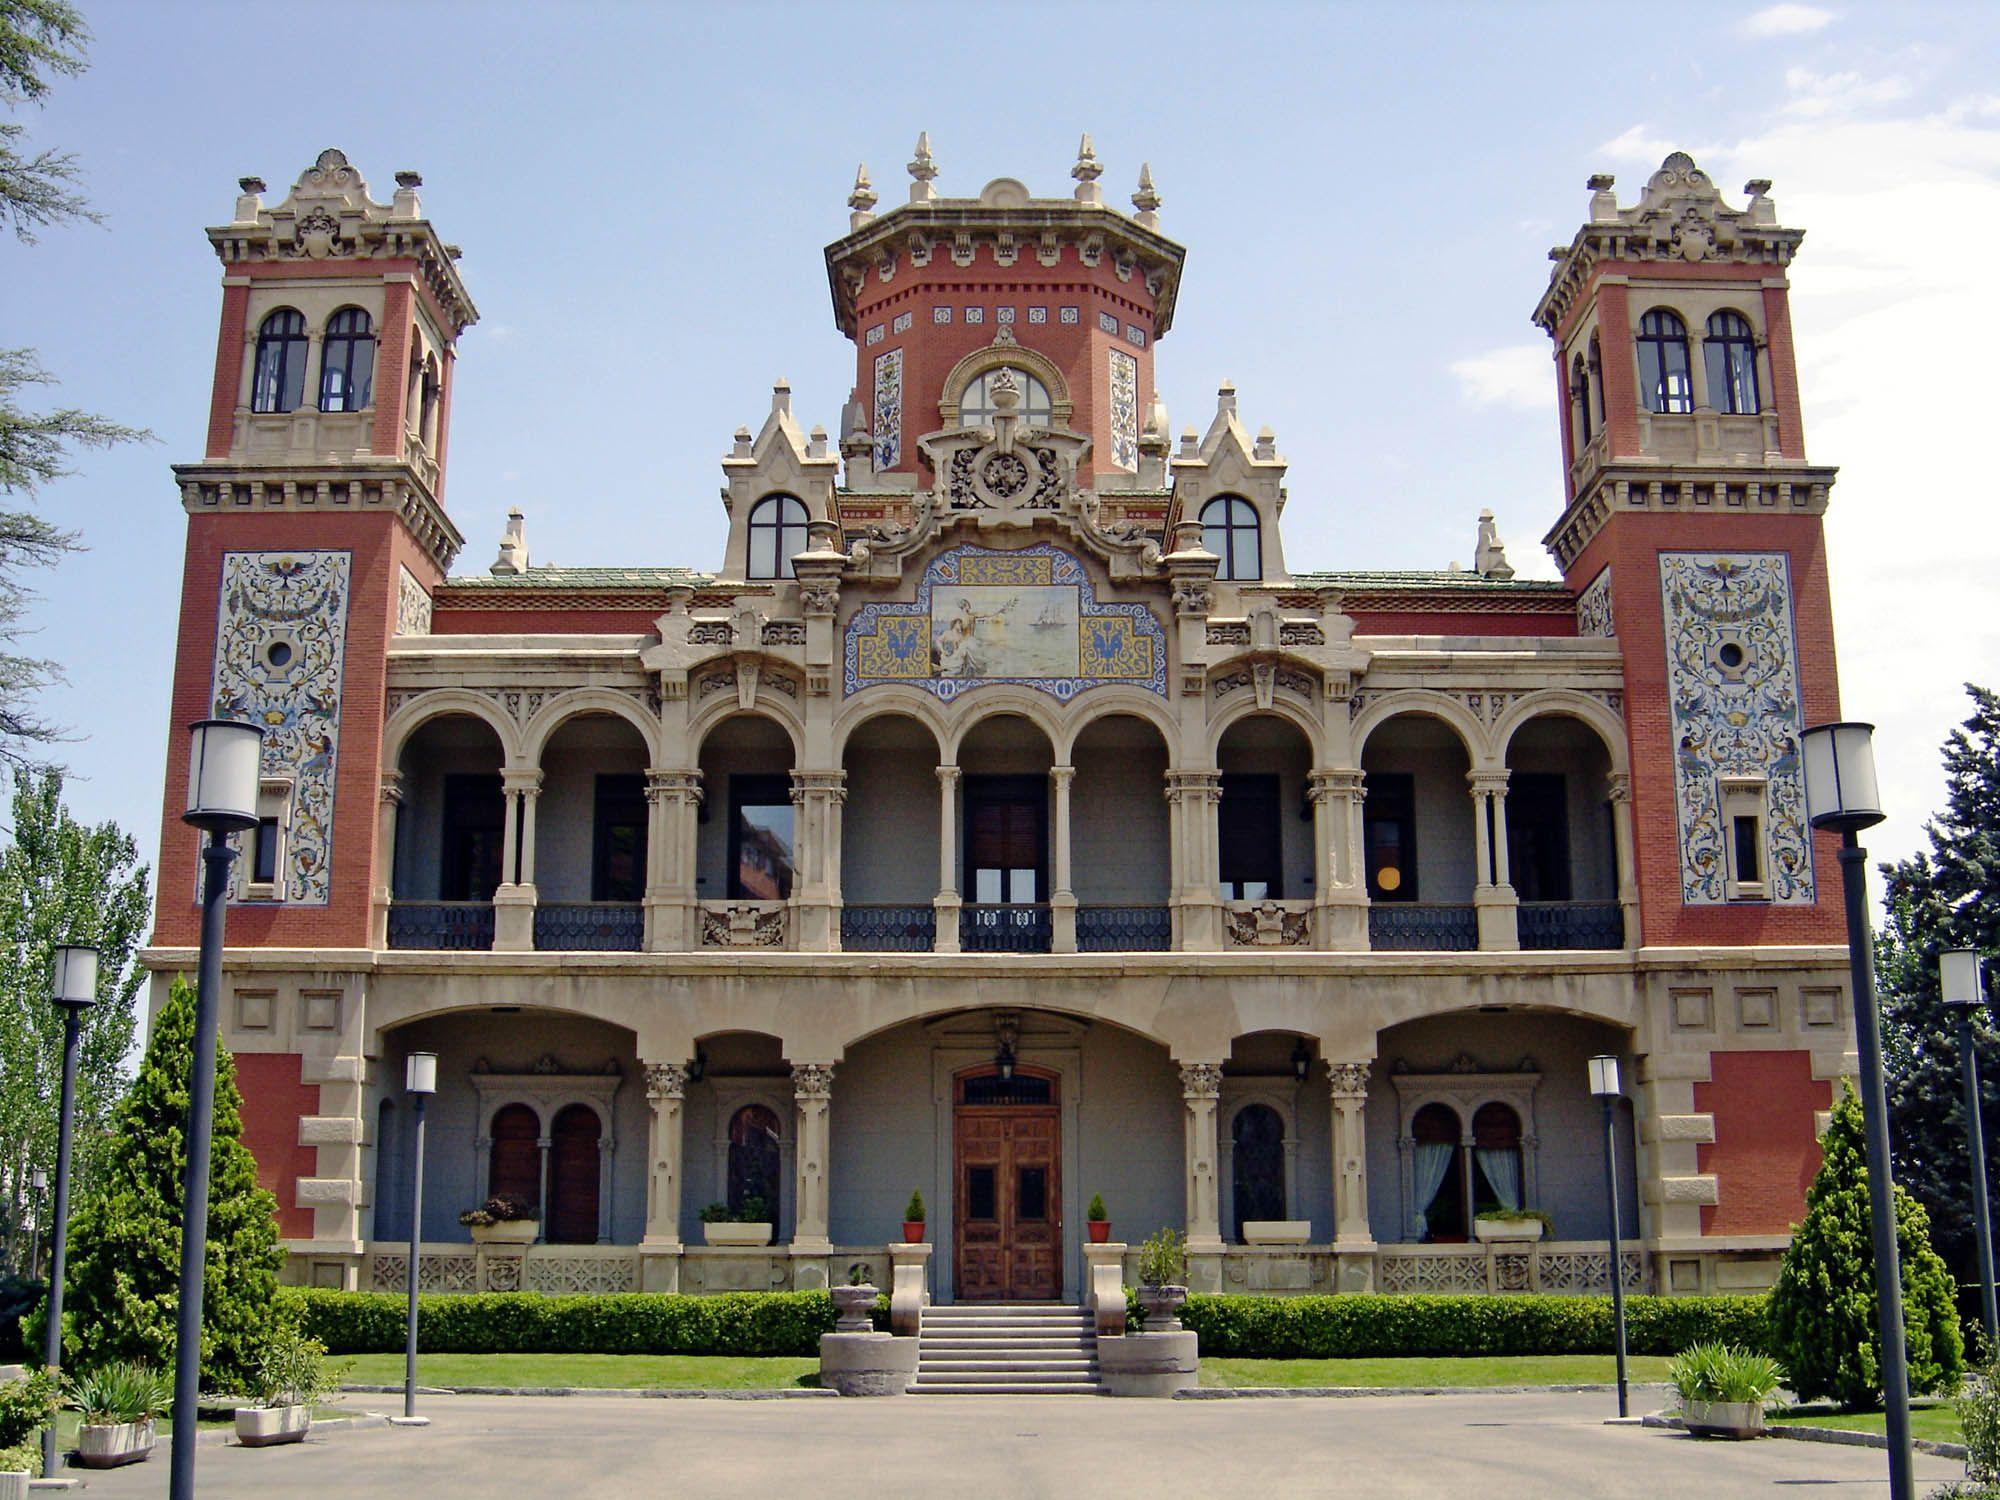 Palacio larrinaga en zaragoza spain paisajes lugares con encanto pinterest palacios el - Arquitectura en zaragoza ...